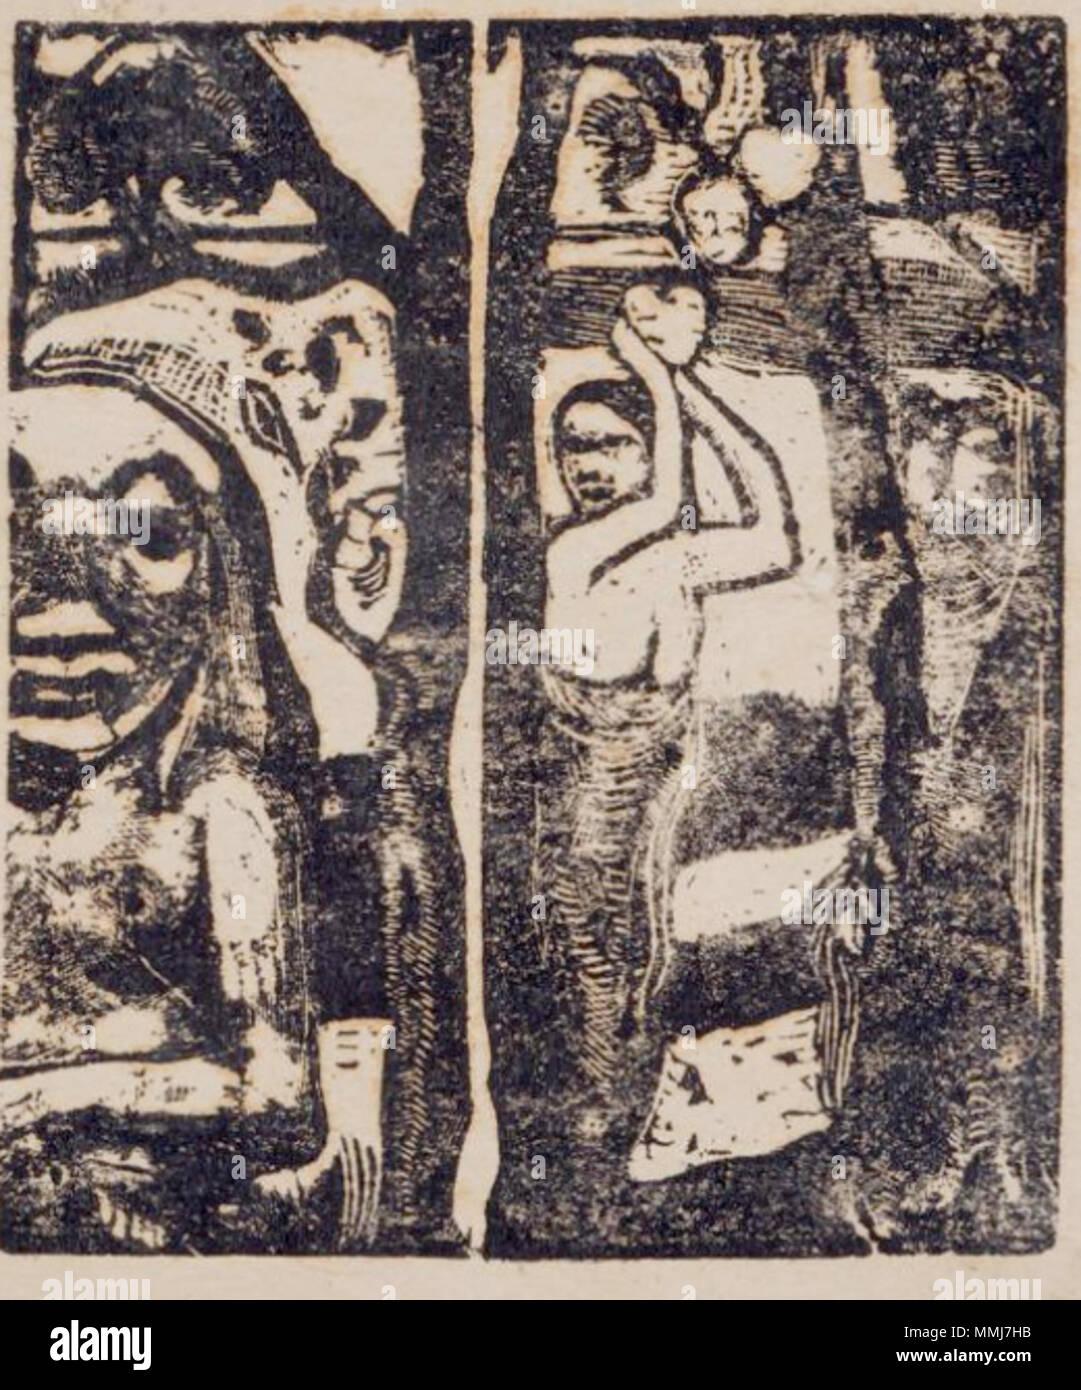 . Français : Femme cueillant des fruits et Oviri (donna raccolta di frutti con Oviri) . Luglio 1896. Paul Gauguin (1848-1903) nomi alternativi Henri Eugène Paul Gauguin Descrizione pittore francese e scrittore Data di nascita e morte 7 Giugno 1848 8 maggio 1903 Luogo di nascita e morte Parigi Atuona periodo di lavoro dal 1876 fino al 1903 sede di lavoro Parigi, Pont-Aven, Arles, Tahiti competente controllo : Q37693 VIAF:?ISNI 27064953:?0000 0001 2100 026 - X ULAN:?500011421 LCCN:?n79055546 NLA:?35115434 WorldCat Femme ceuillant des fruits et Oviri Immagini Stock